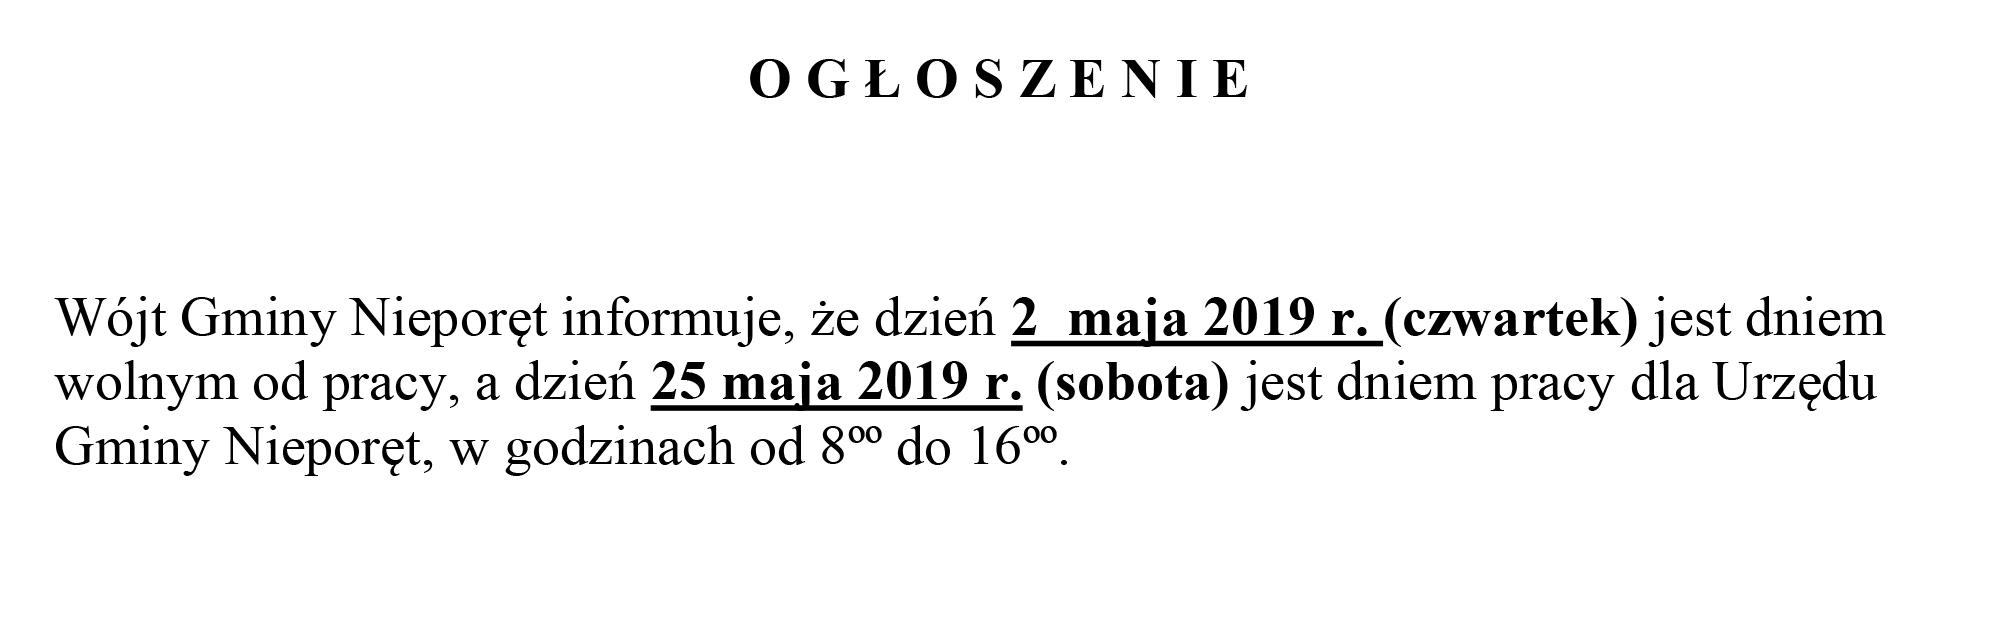 O G Ł O S Z E N I E  Wójt Gminy Nieporęt informuje, że dzień 2  maja 2019 r. (czwartek) jest dniem wolnym od pracy, a dzień 25 maja 2019 r. (sobota) jest dniem pracy dla Urzędu Gminy Nieporęt, w godzinach od 8ºº do 16ºº.